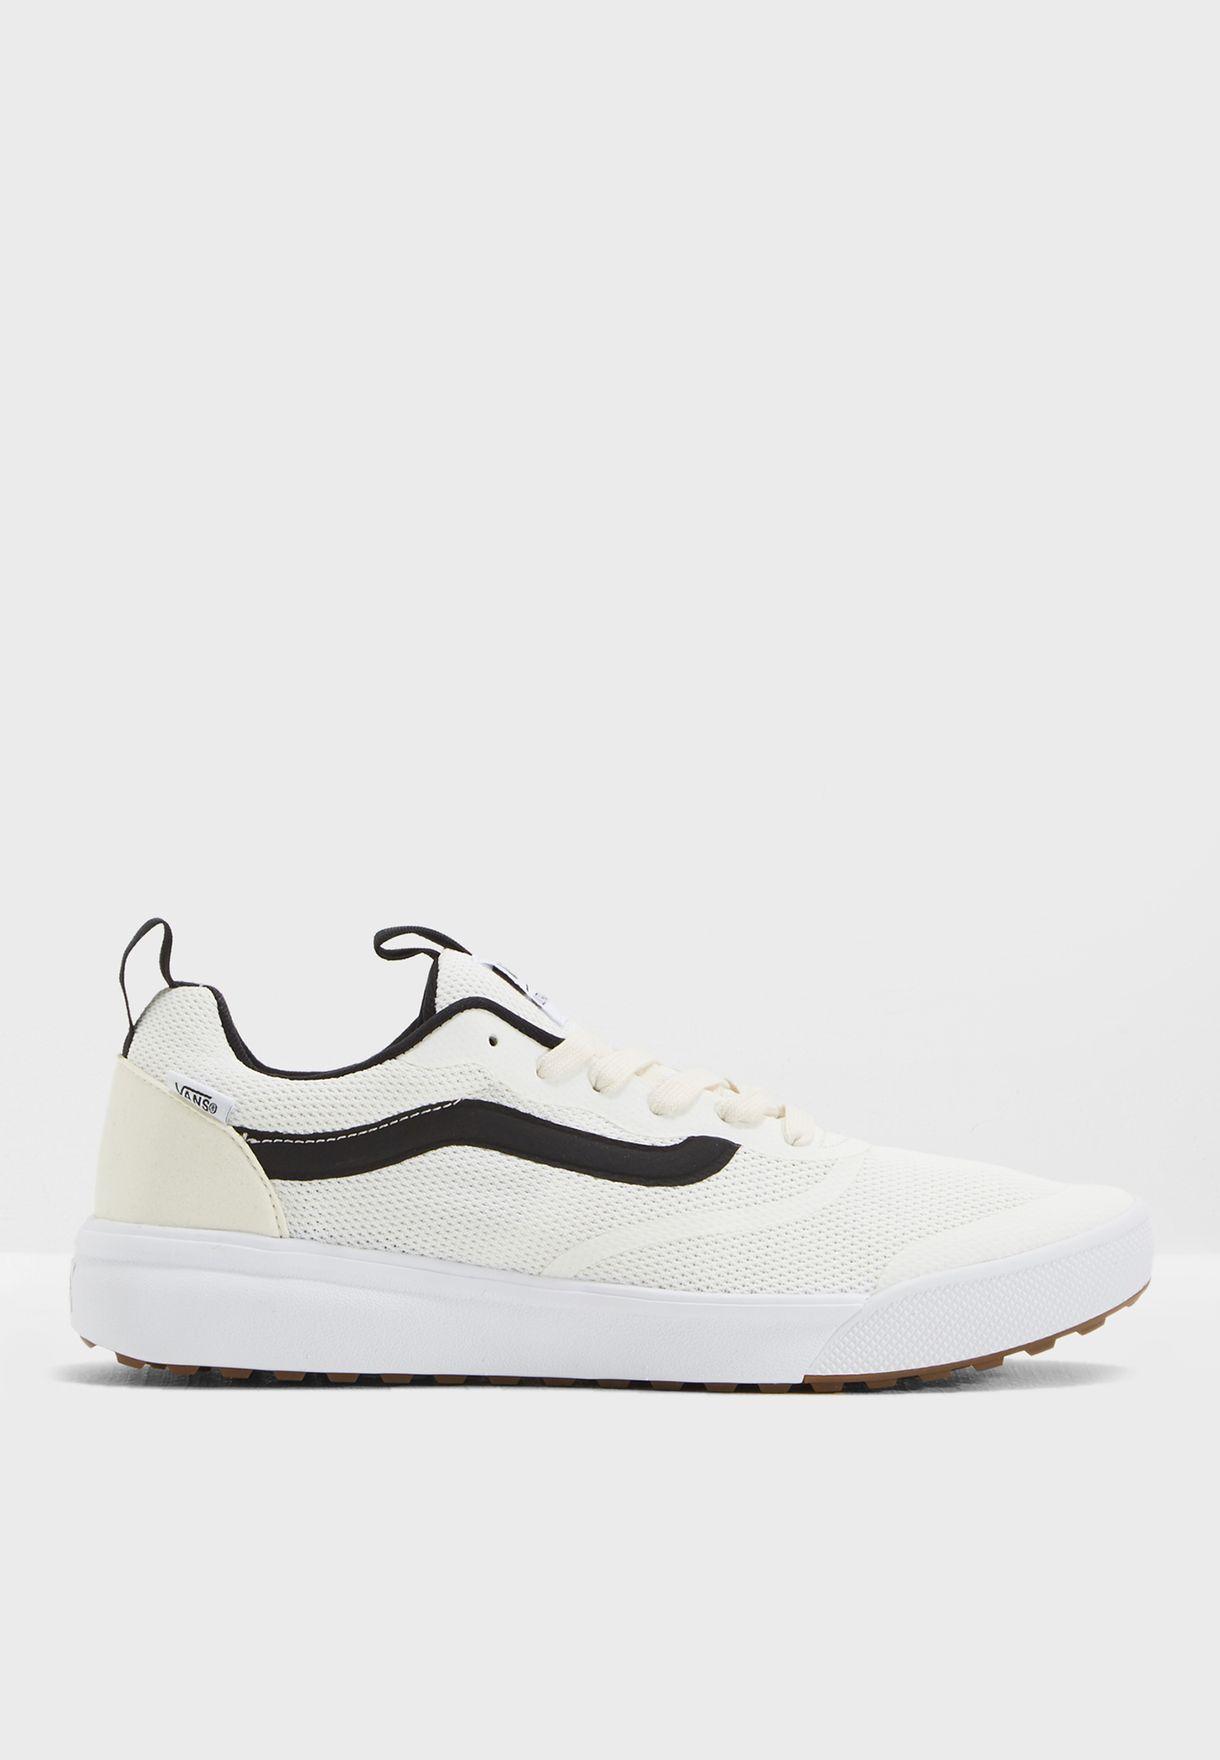 Shop Vans white Ultra Range Rapidweld Sneakers MVUFS8 for Men in ... 913fee0cd